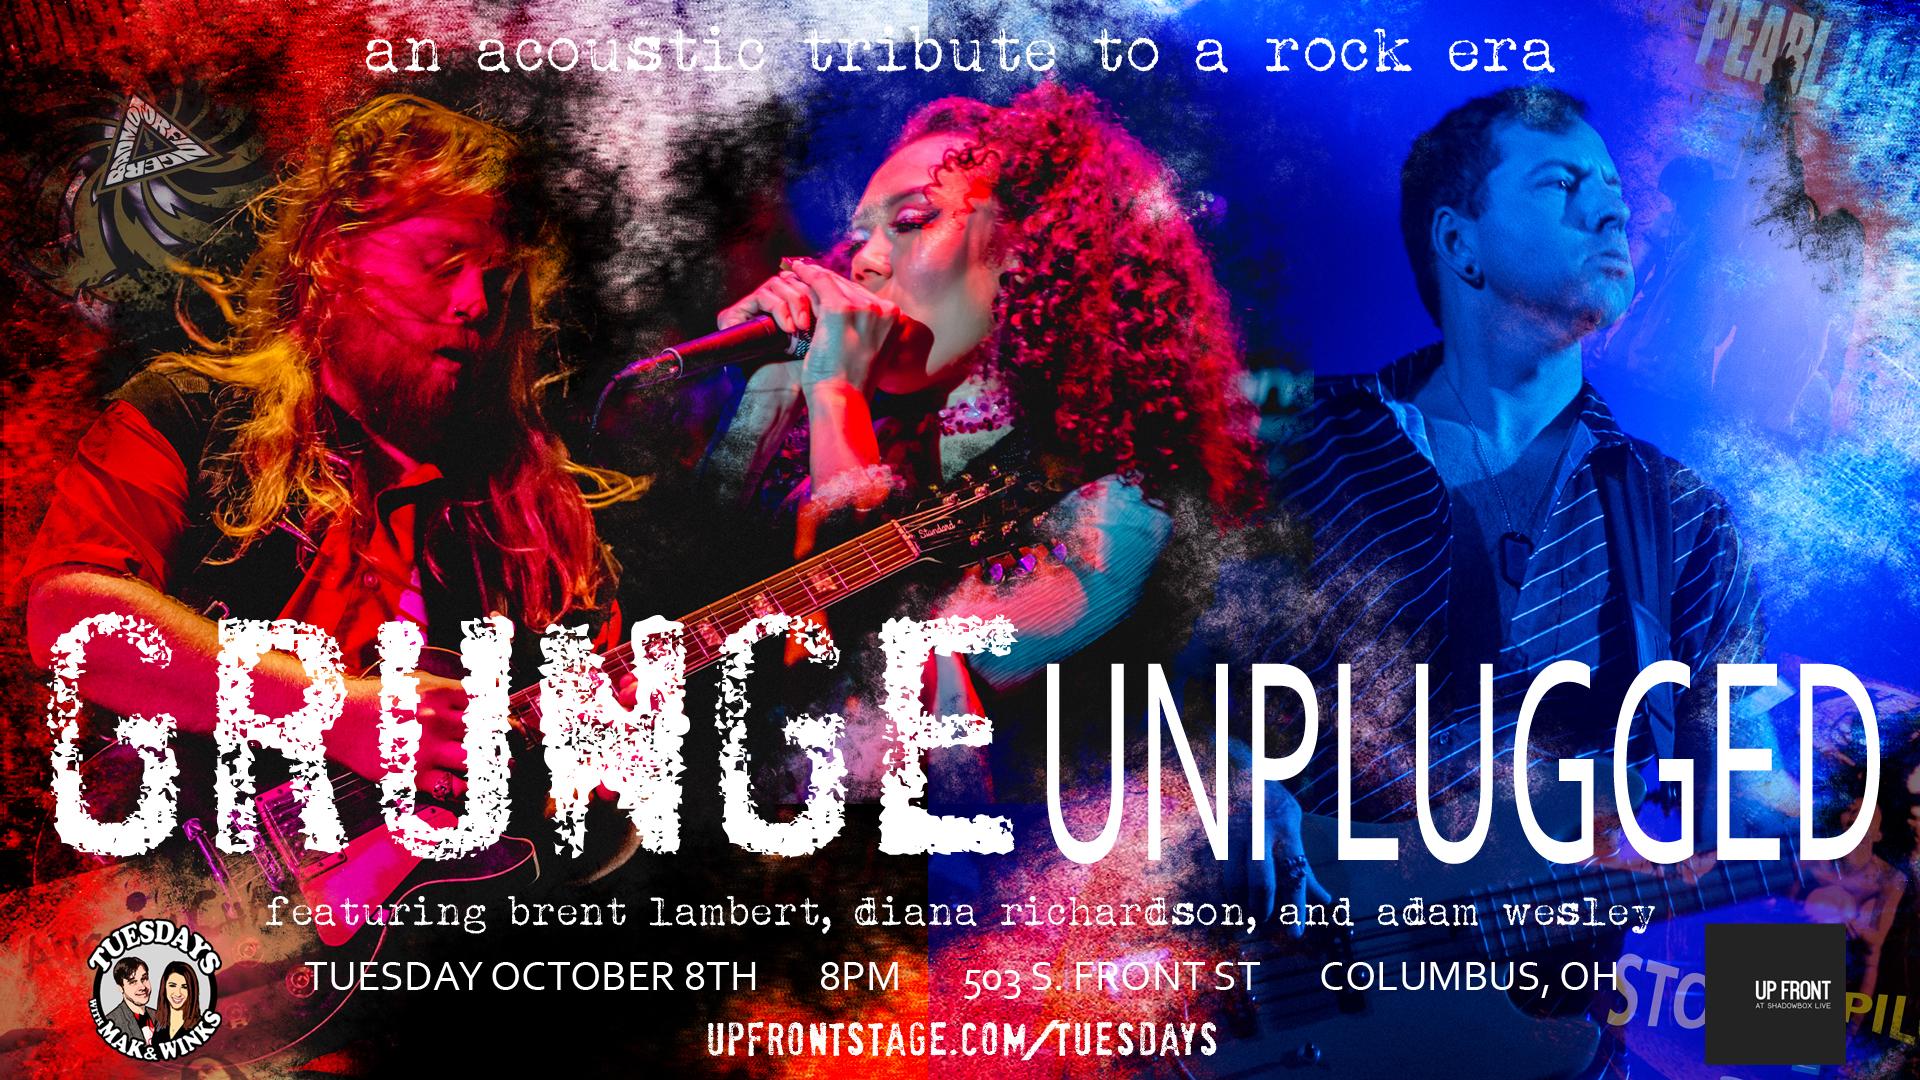 191008_GrungeUnplugged.jpg